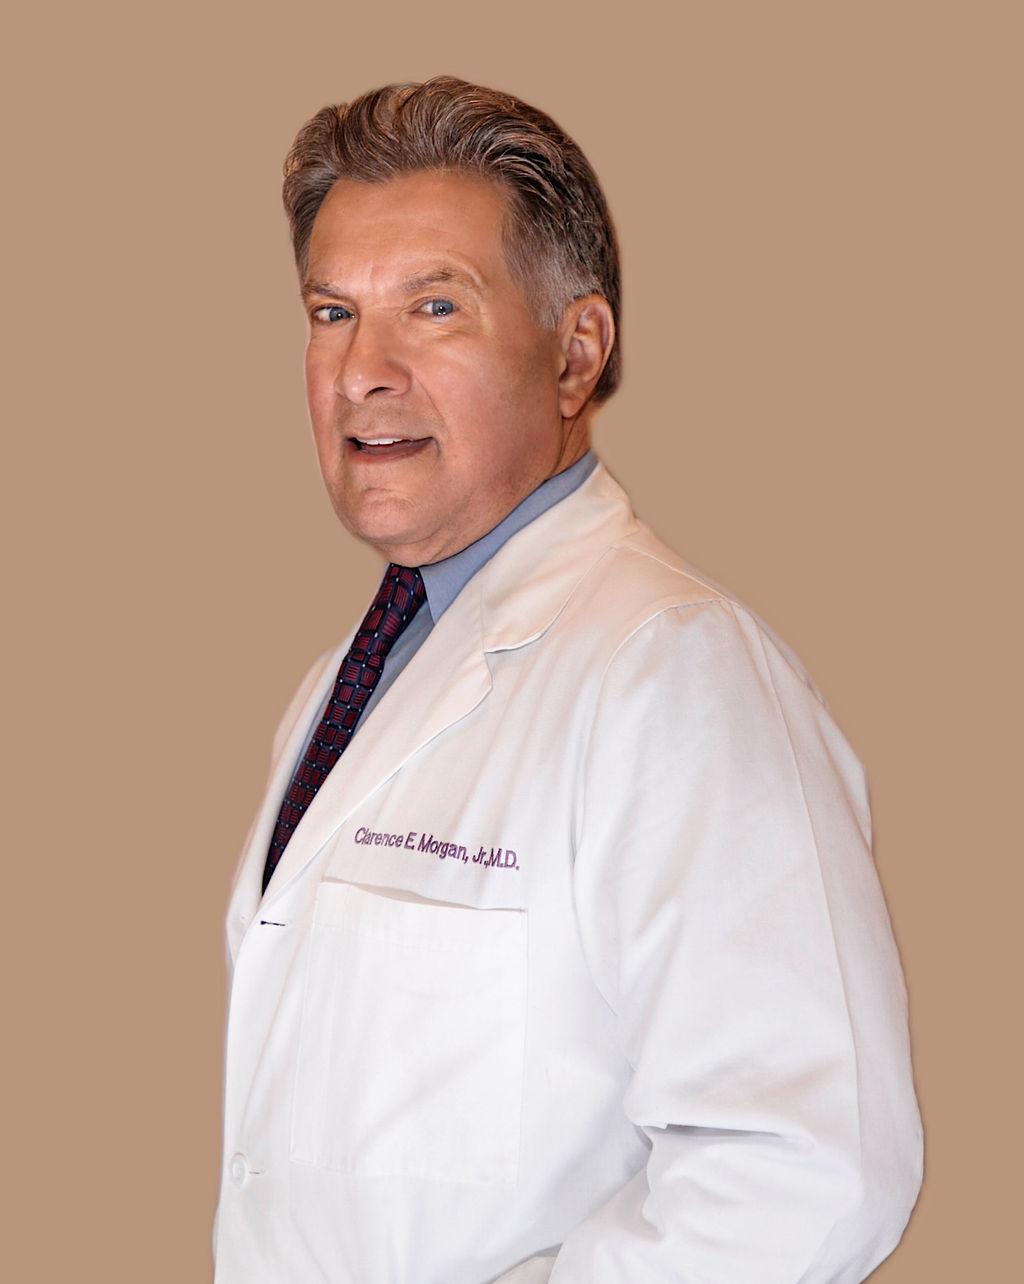 DR. CLARENCE MORGAN